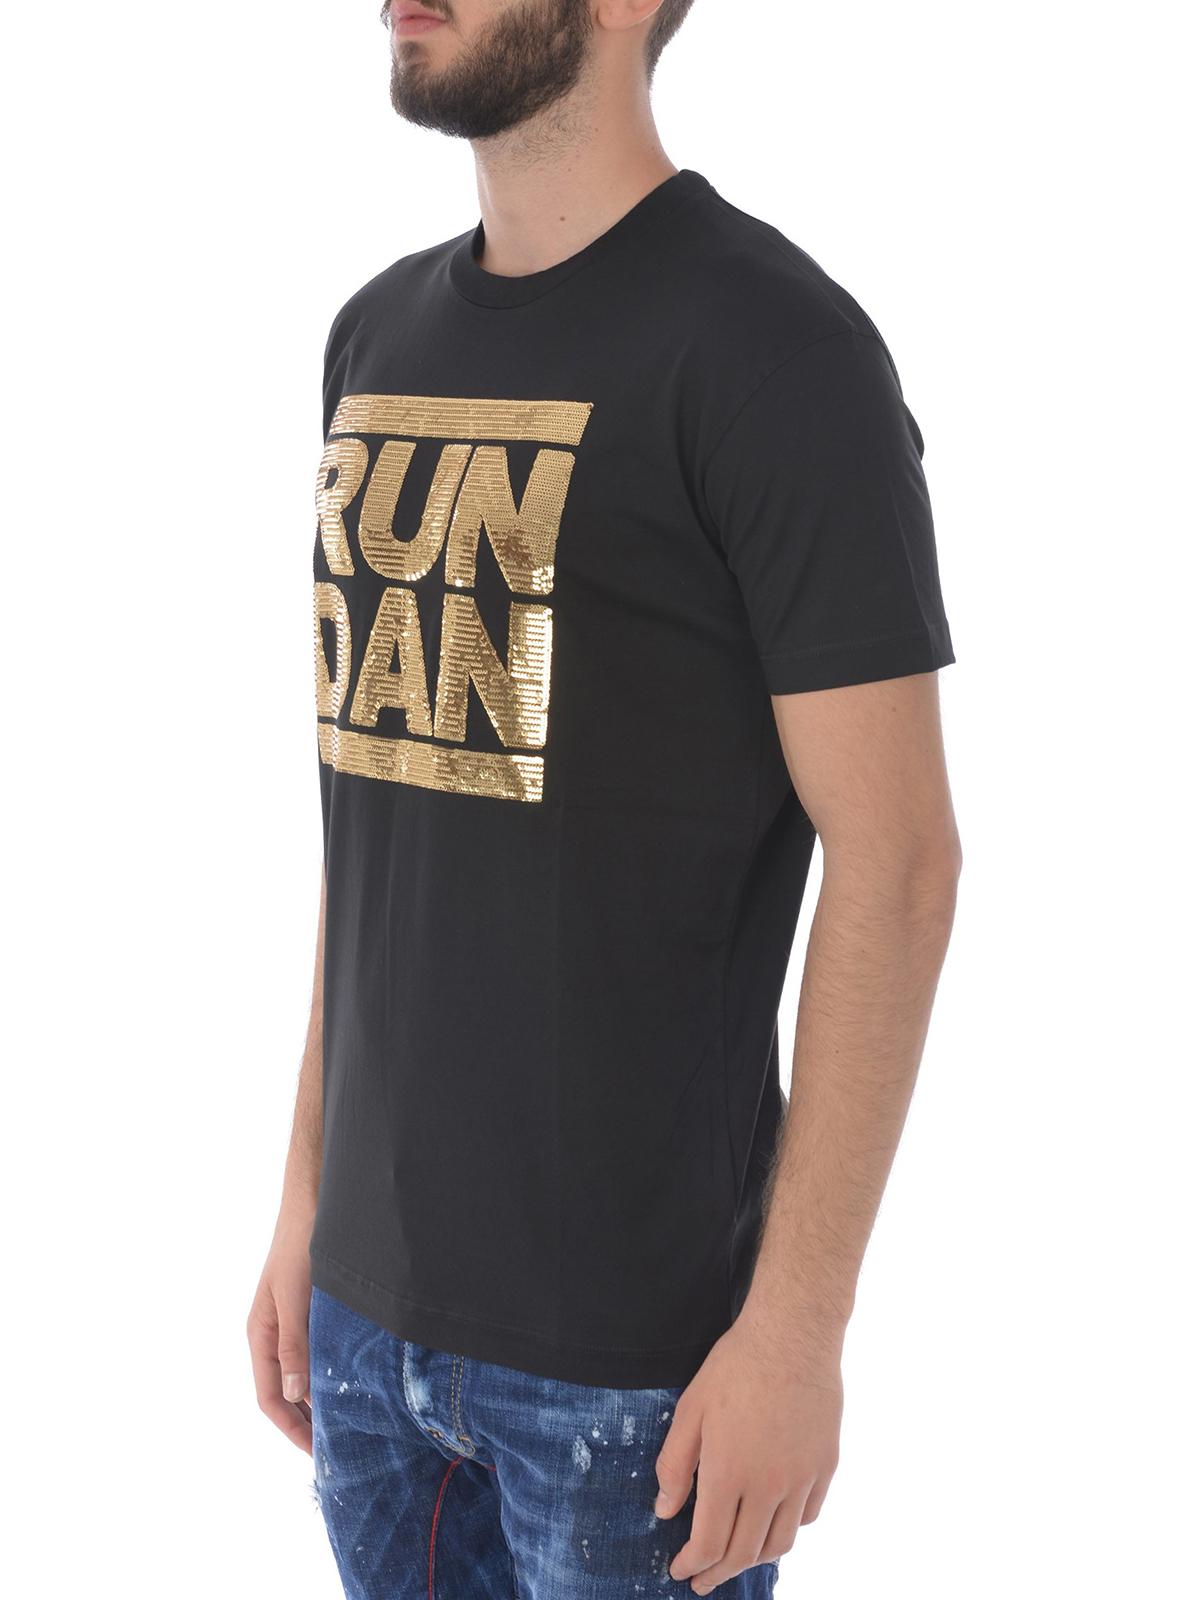 reputable site 817cc f7ca4 Dsquared2 - T-shirt nera con Run Dan in paillettes oro - t ...